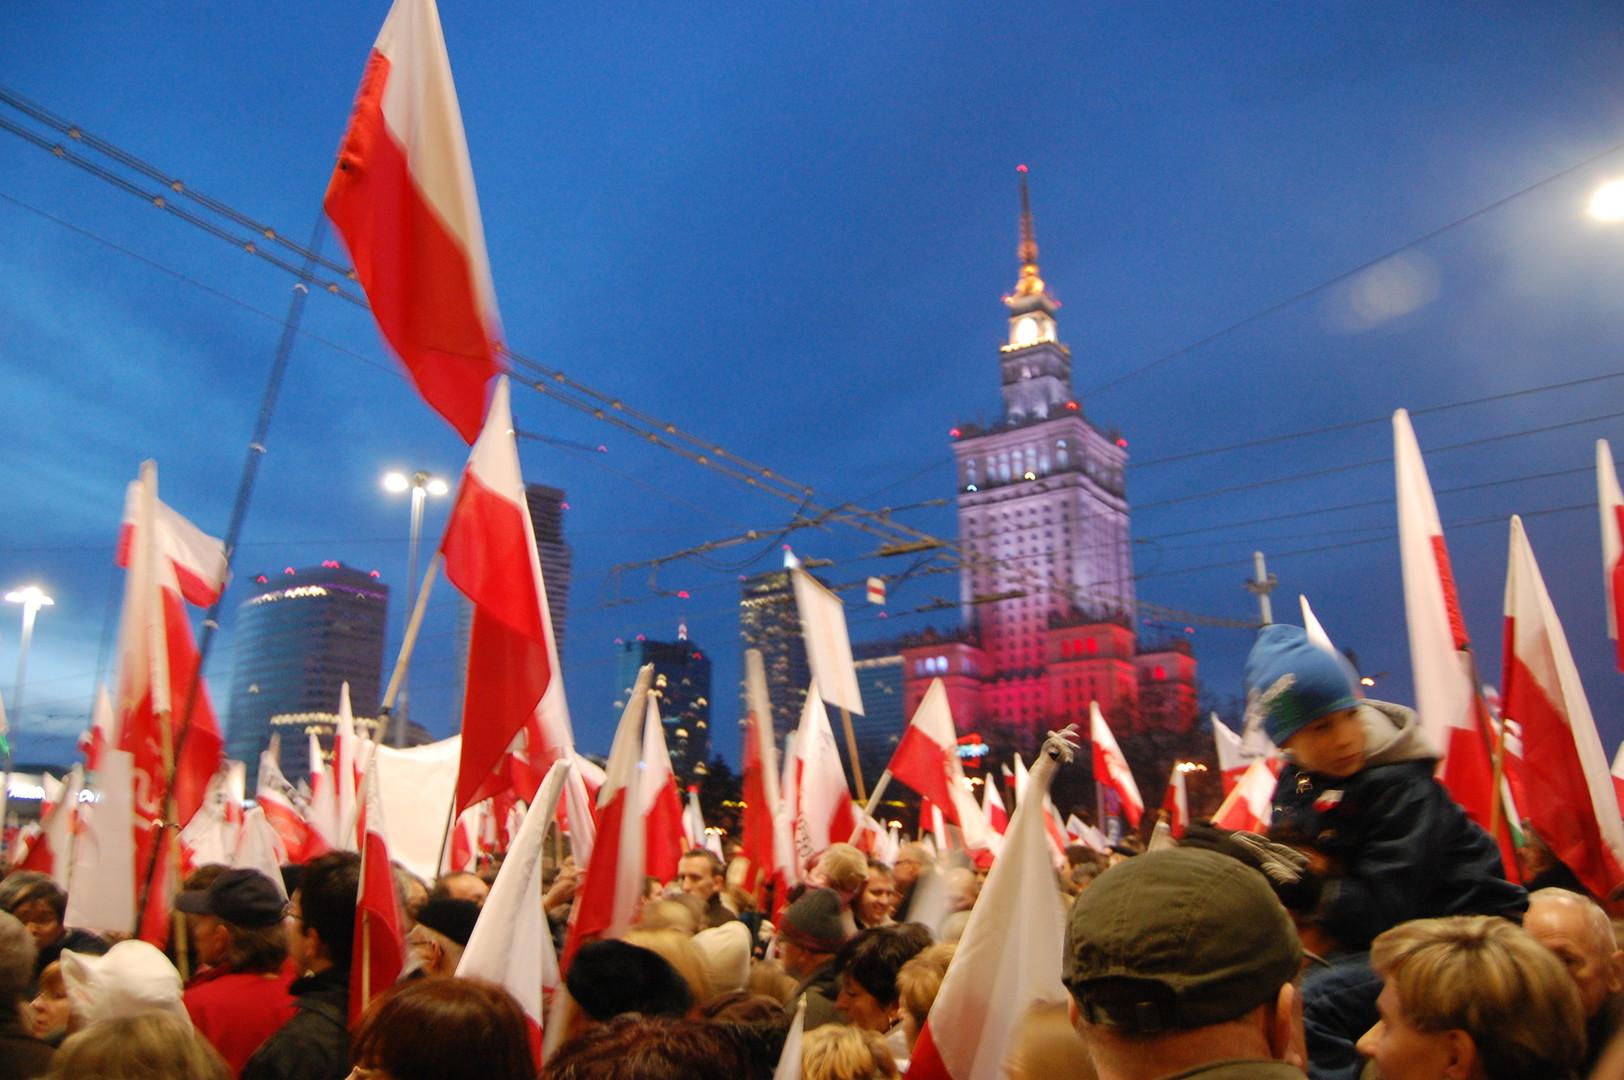 Odzyskanie niepodległości cz. 1